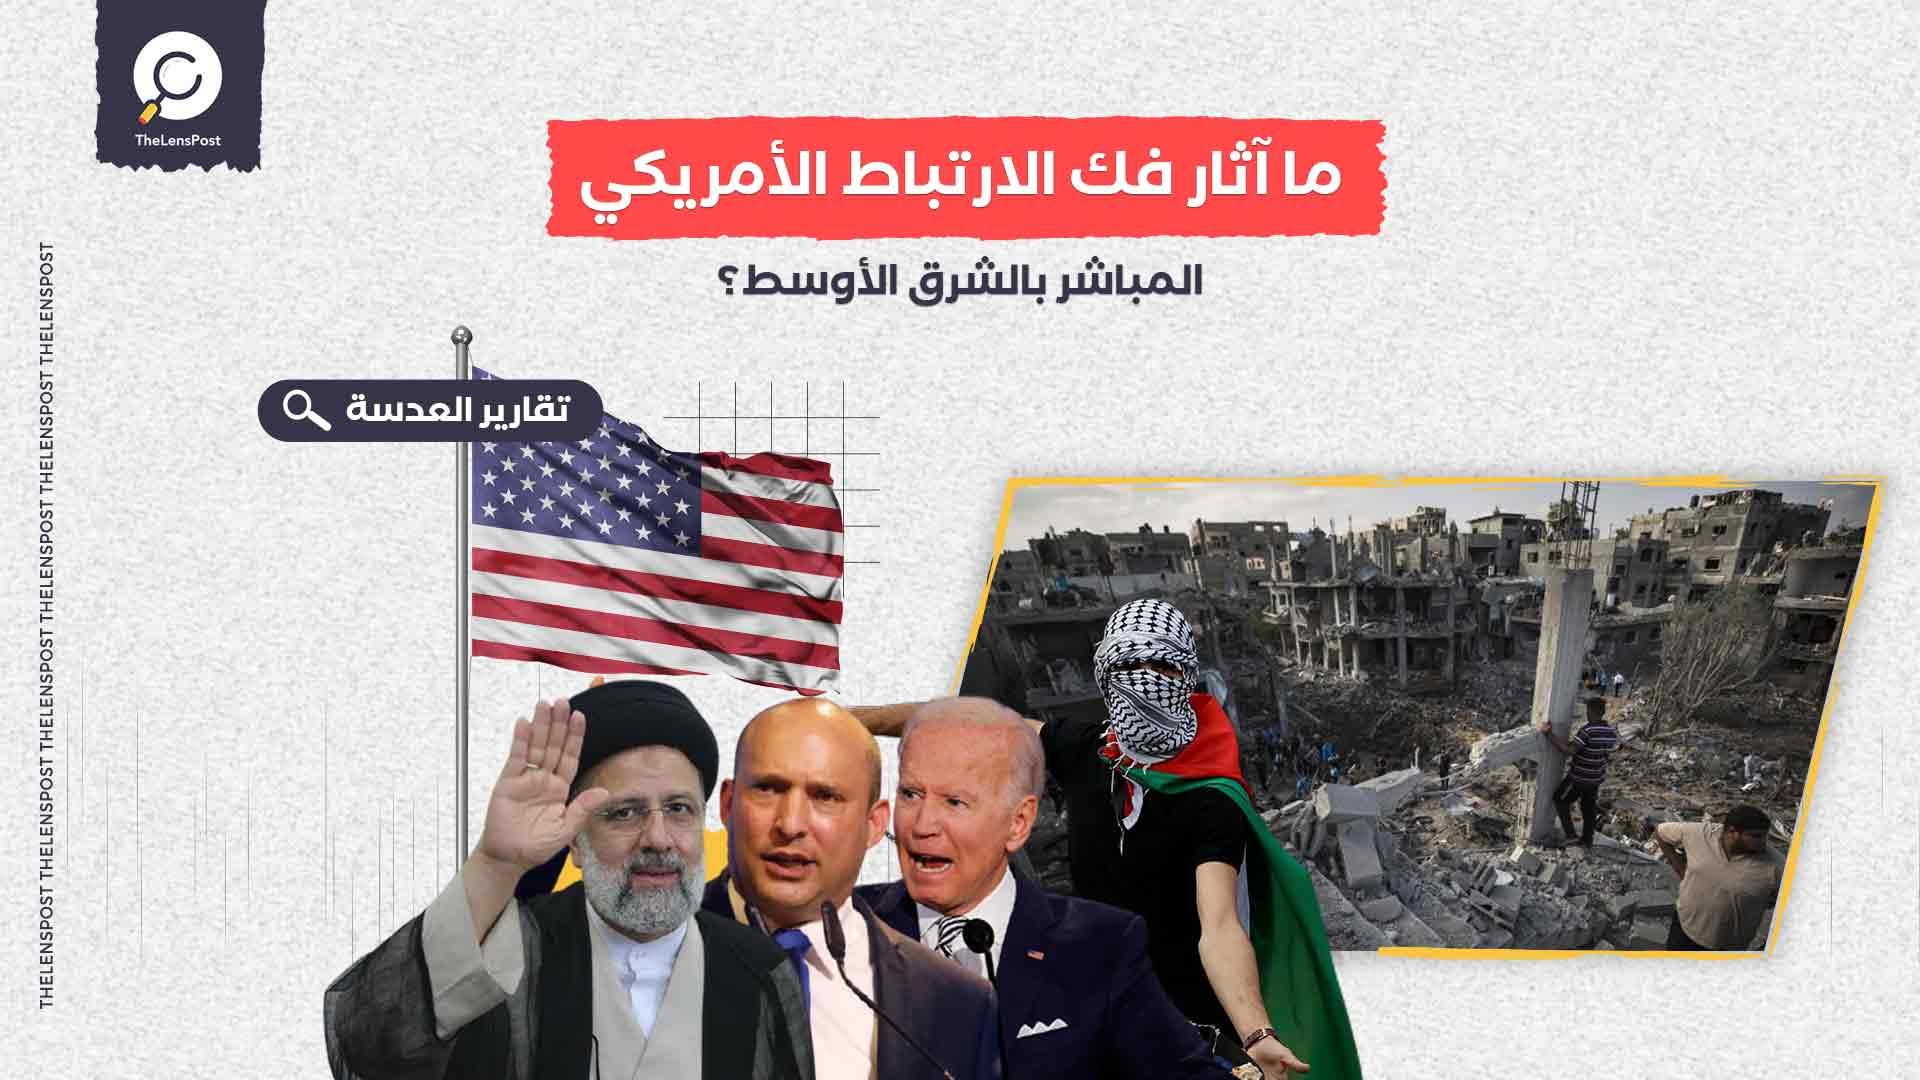 ما آثار فك الارتباط الأمريكي المباشر بالشرق الأوسط؟